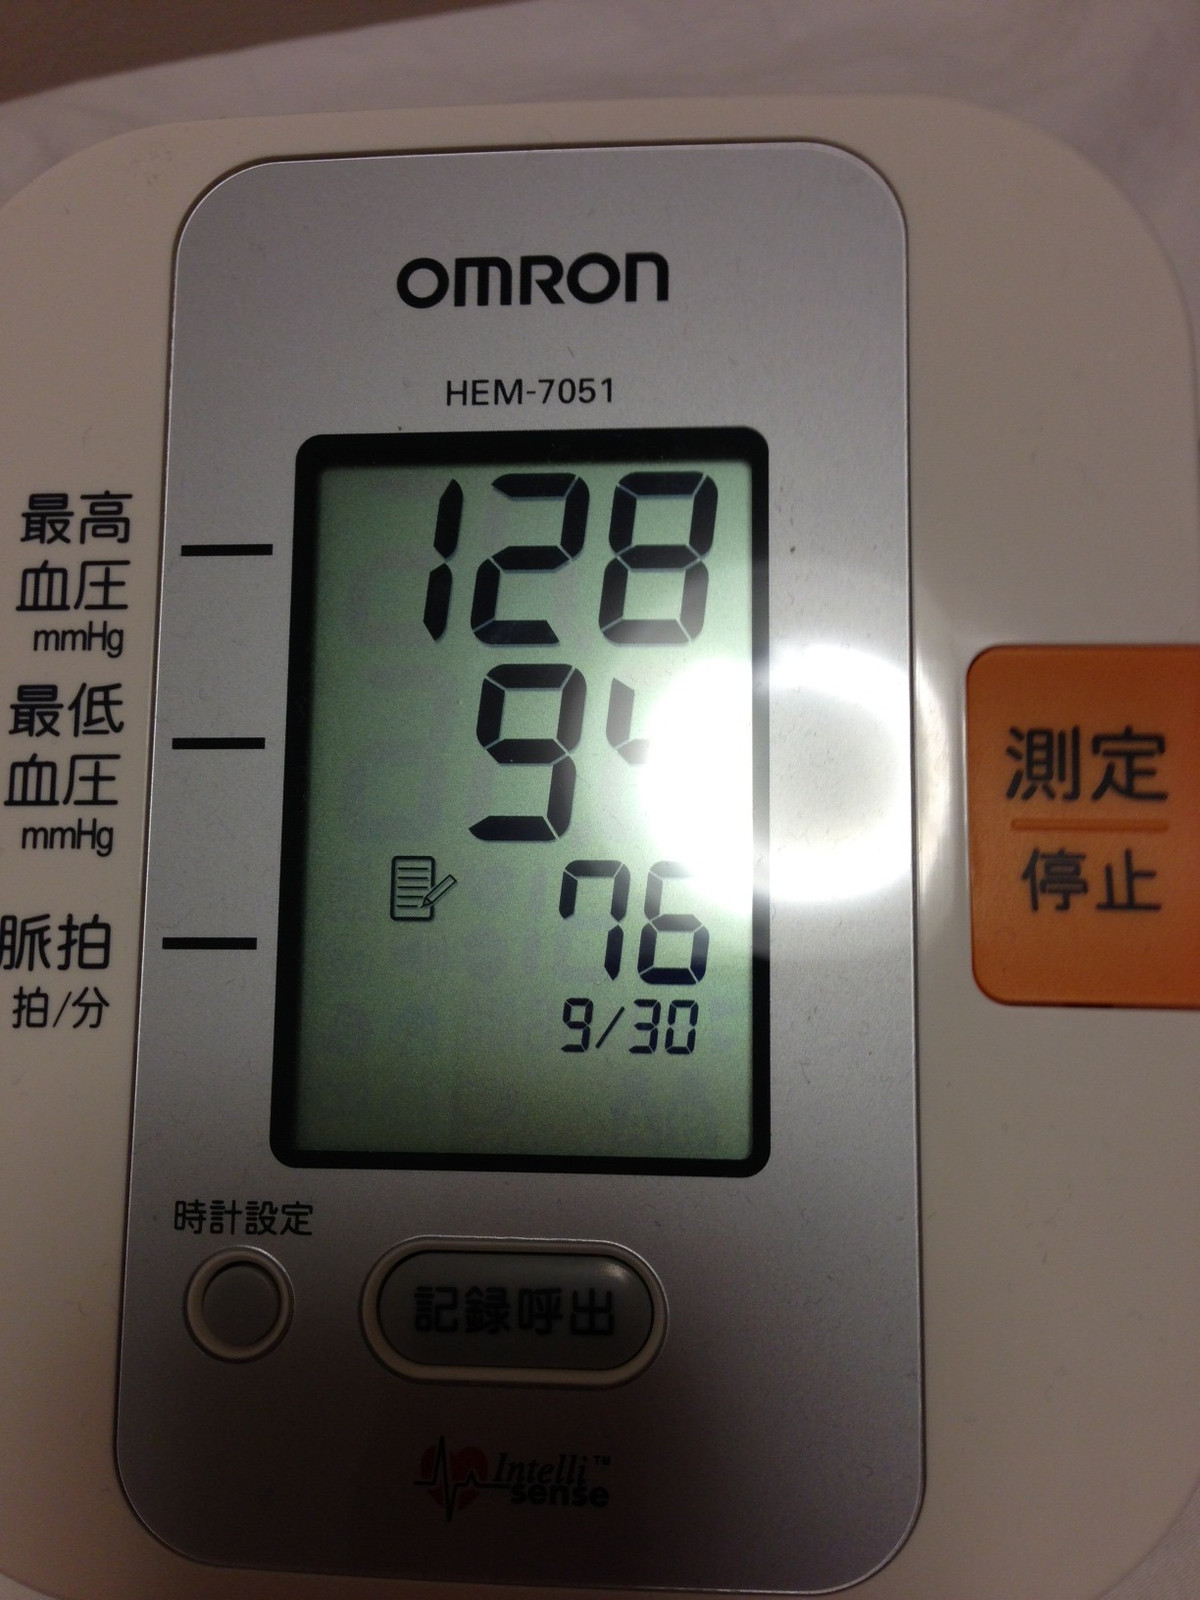 値 代 30 正常 血圧